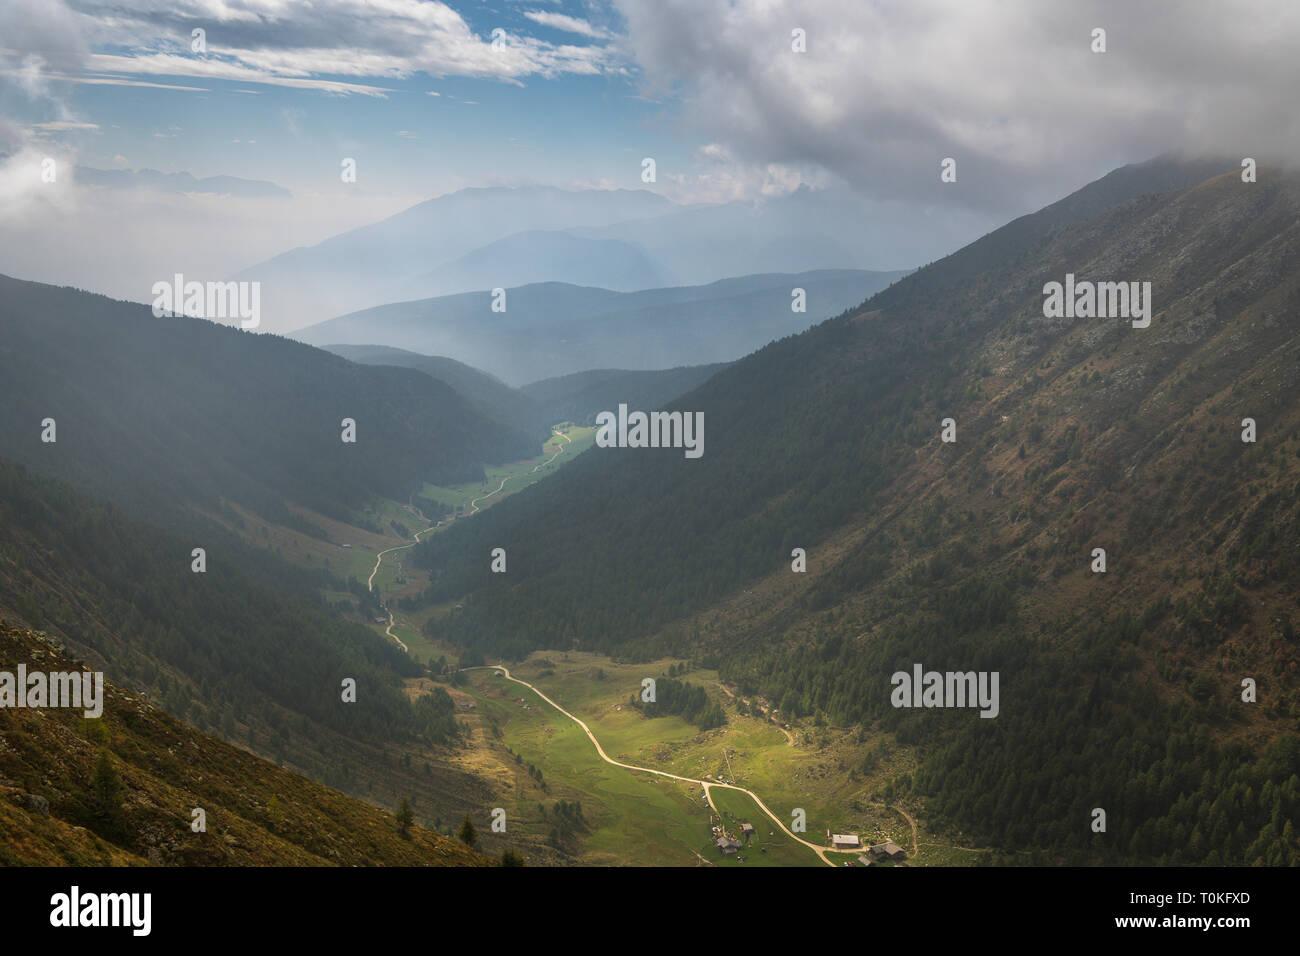 Randonnée pédestre à la société valser, Seefeldspitze Pfunderer Tal, Berge, Tyrol du Sud, Italie Banque D'Images